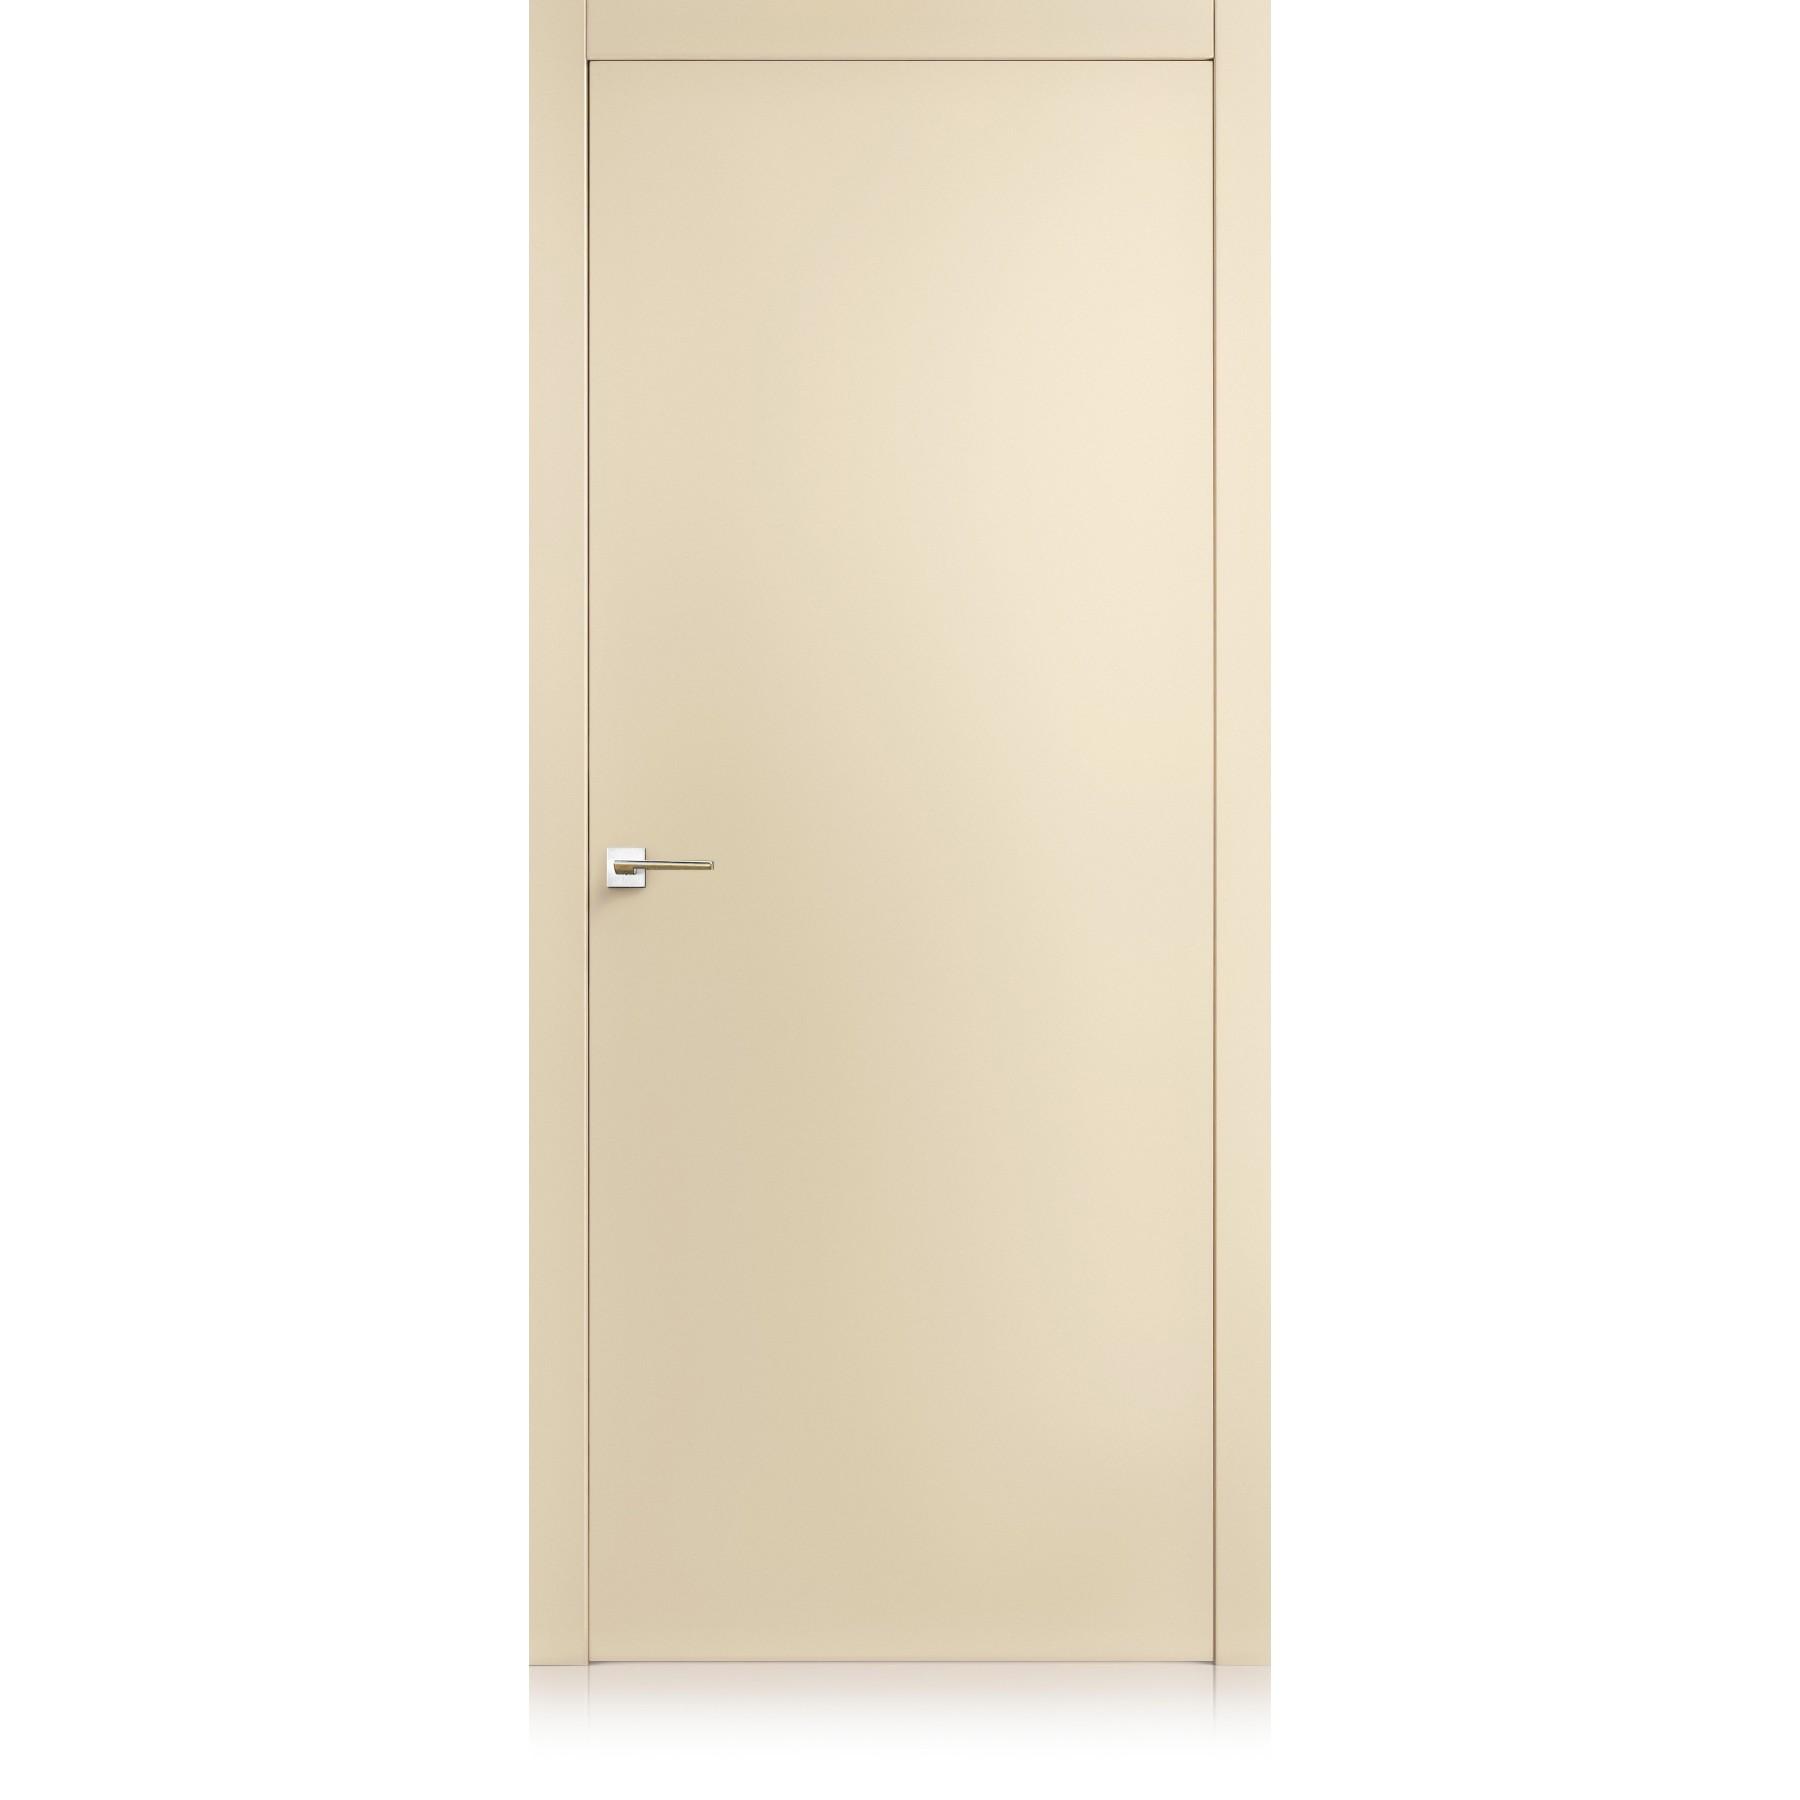 Equa cremy door